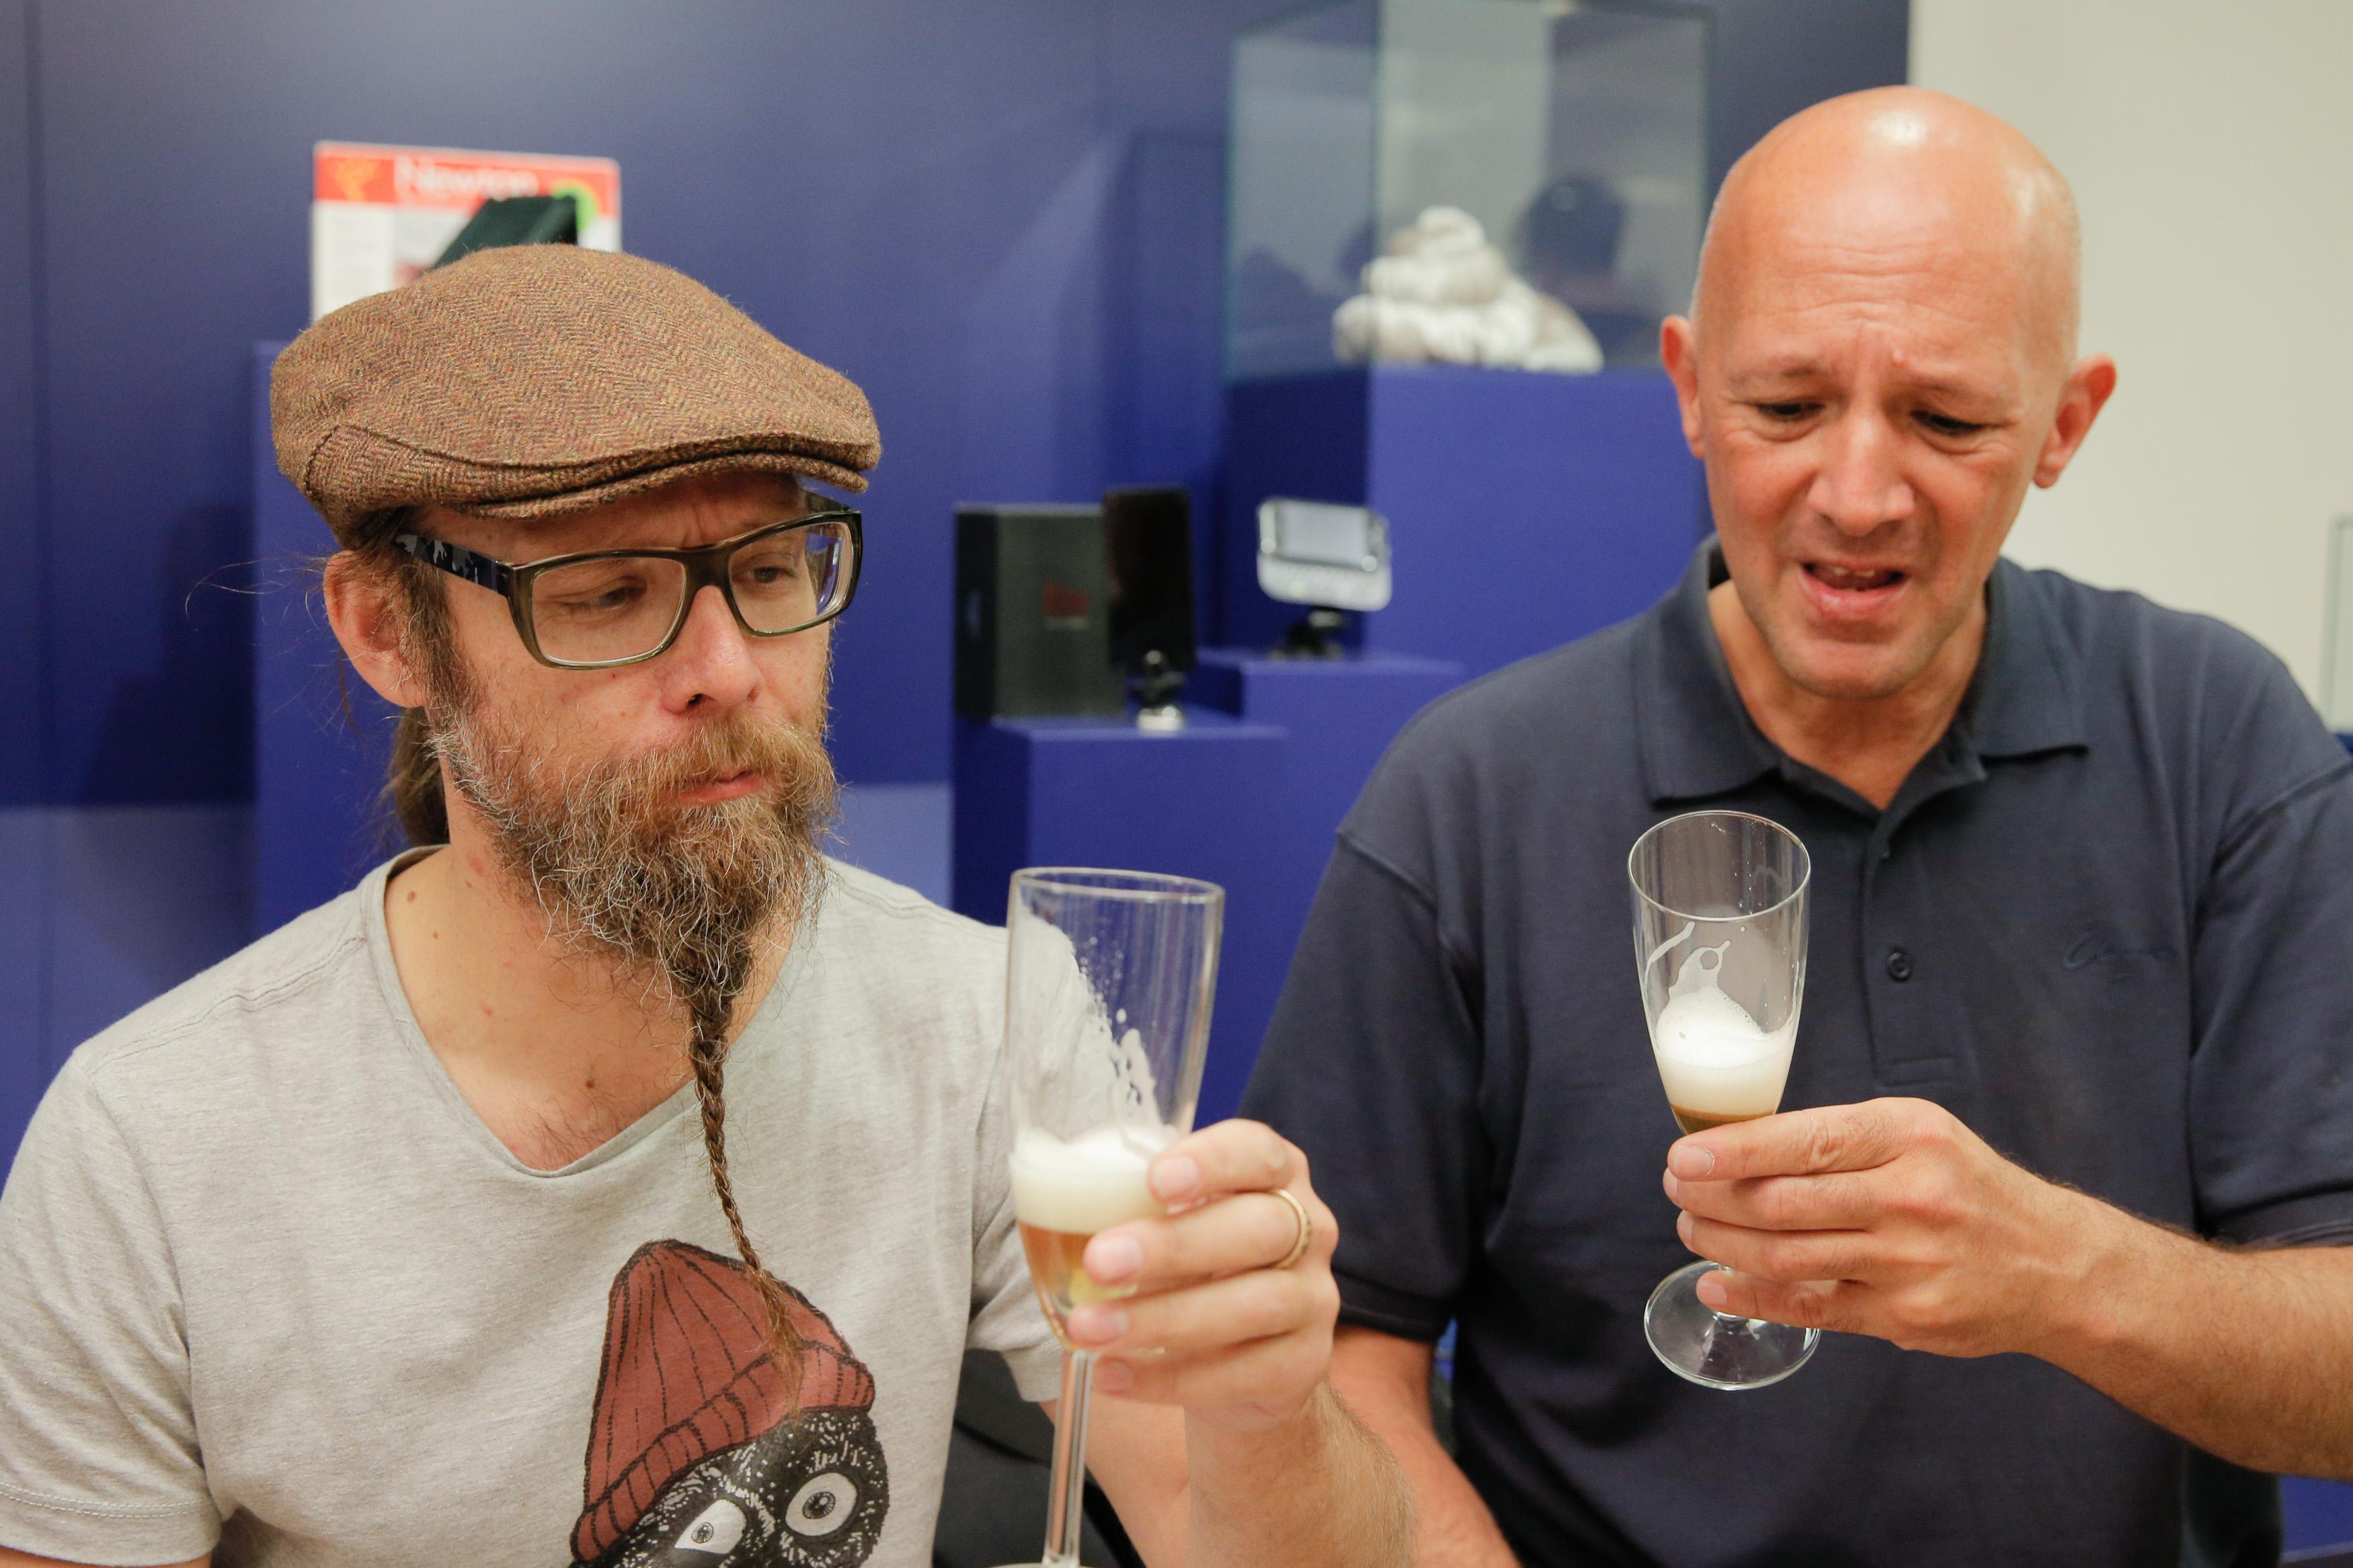 「失敗ビール」の試飲会で顔をしかめる参加者。新種のビールをつくる試みも、この表情ではお蔵入りもやむなしでしょう=スウェーデン・ヘルシンボリの失敗博物館(撮影・澤田博之、共同)